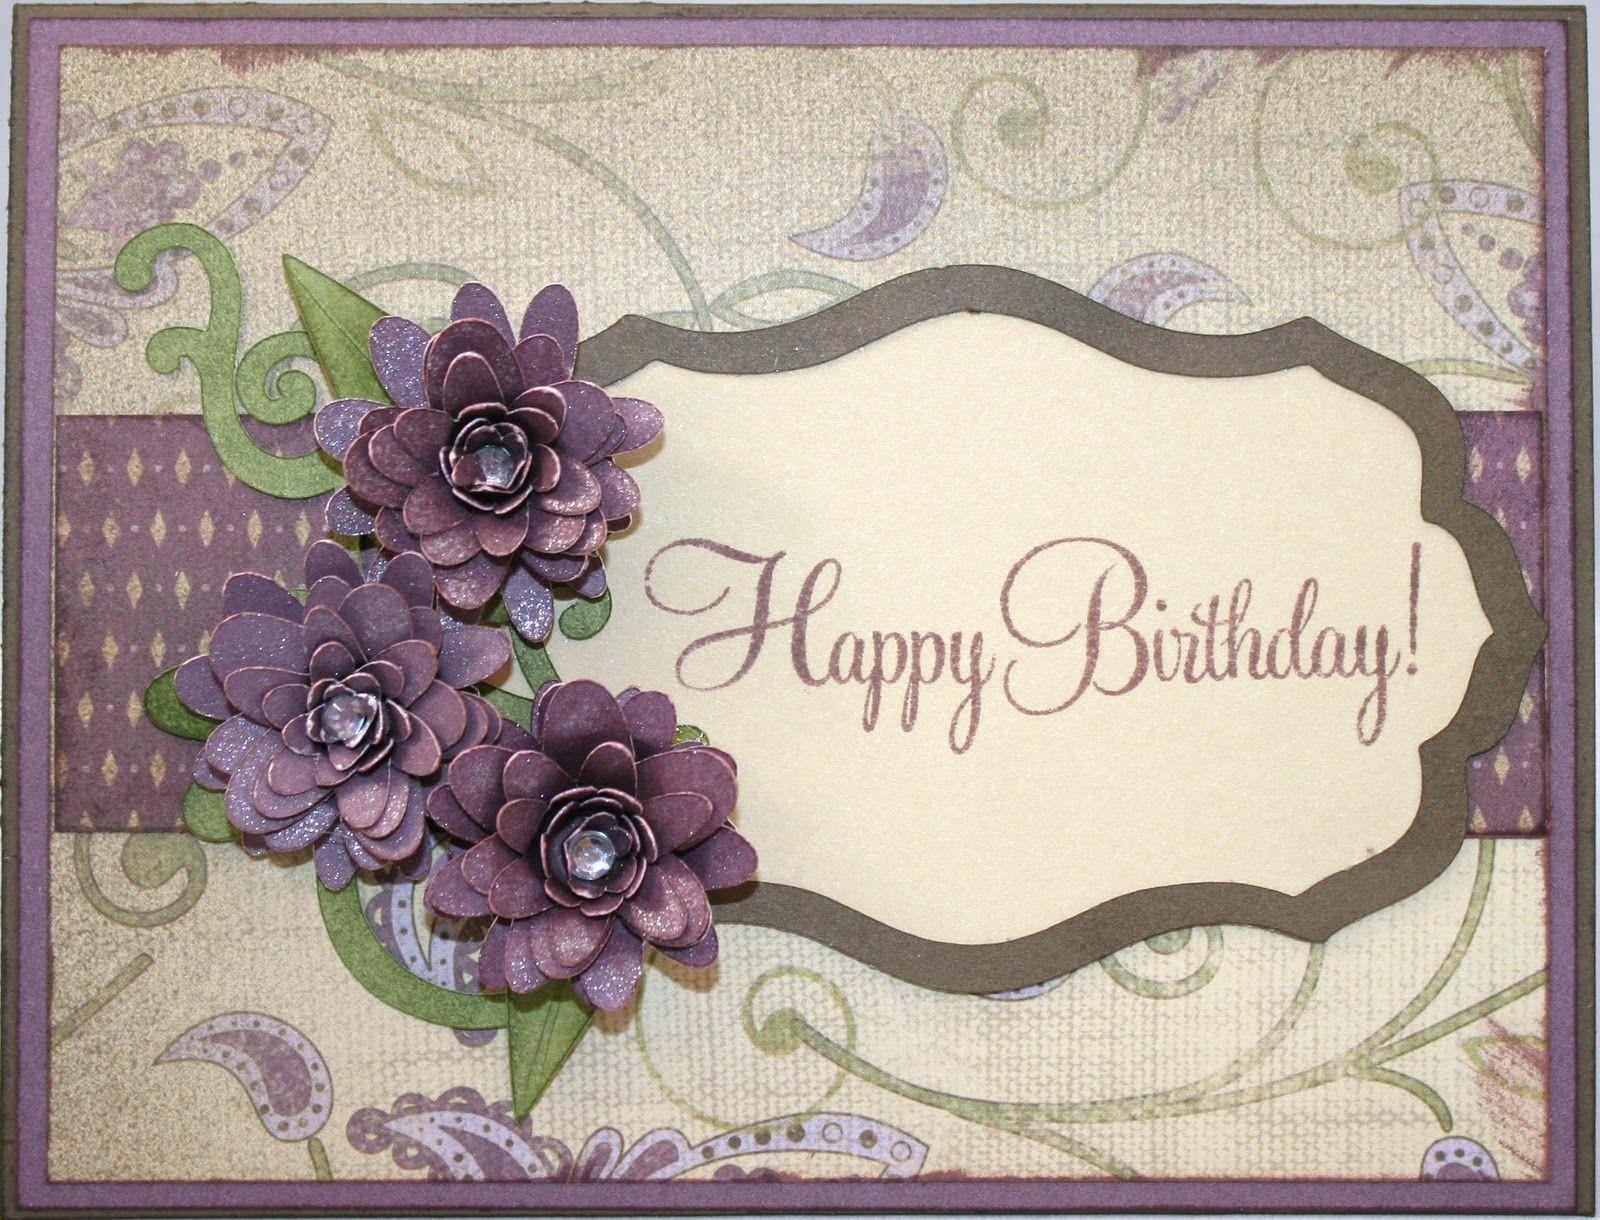 Cricut Masculine Birthday Card Ideas Heartfelt Creations By Connie